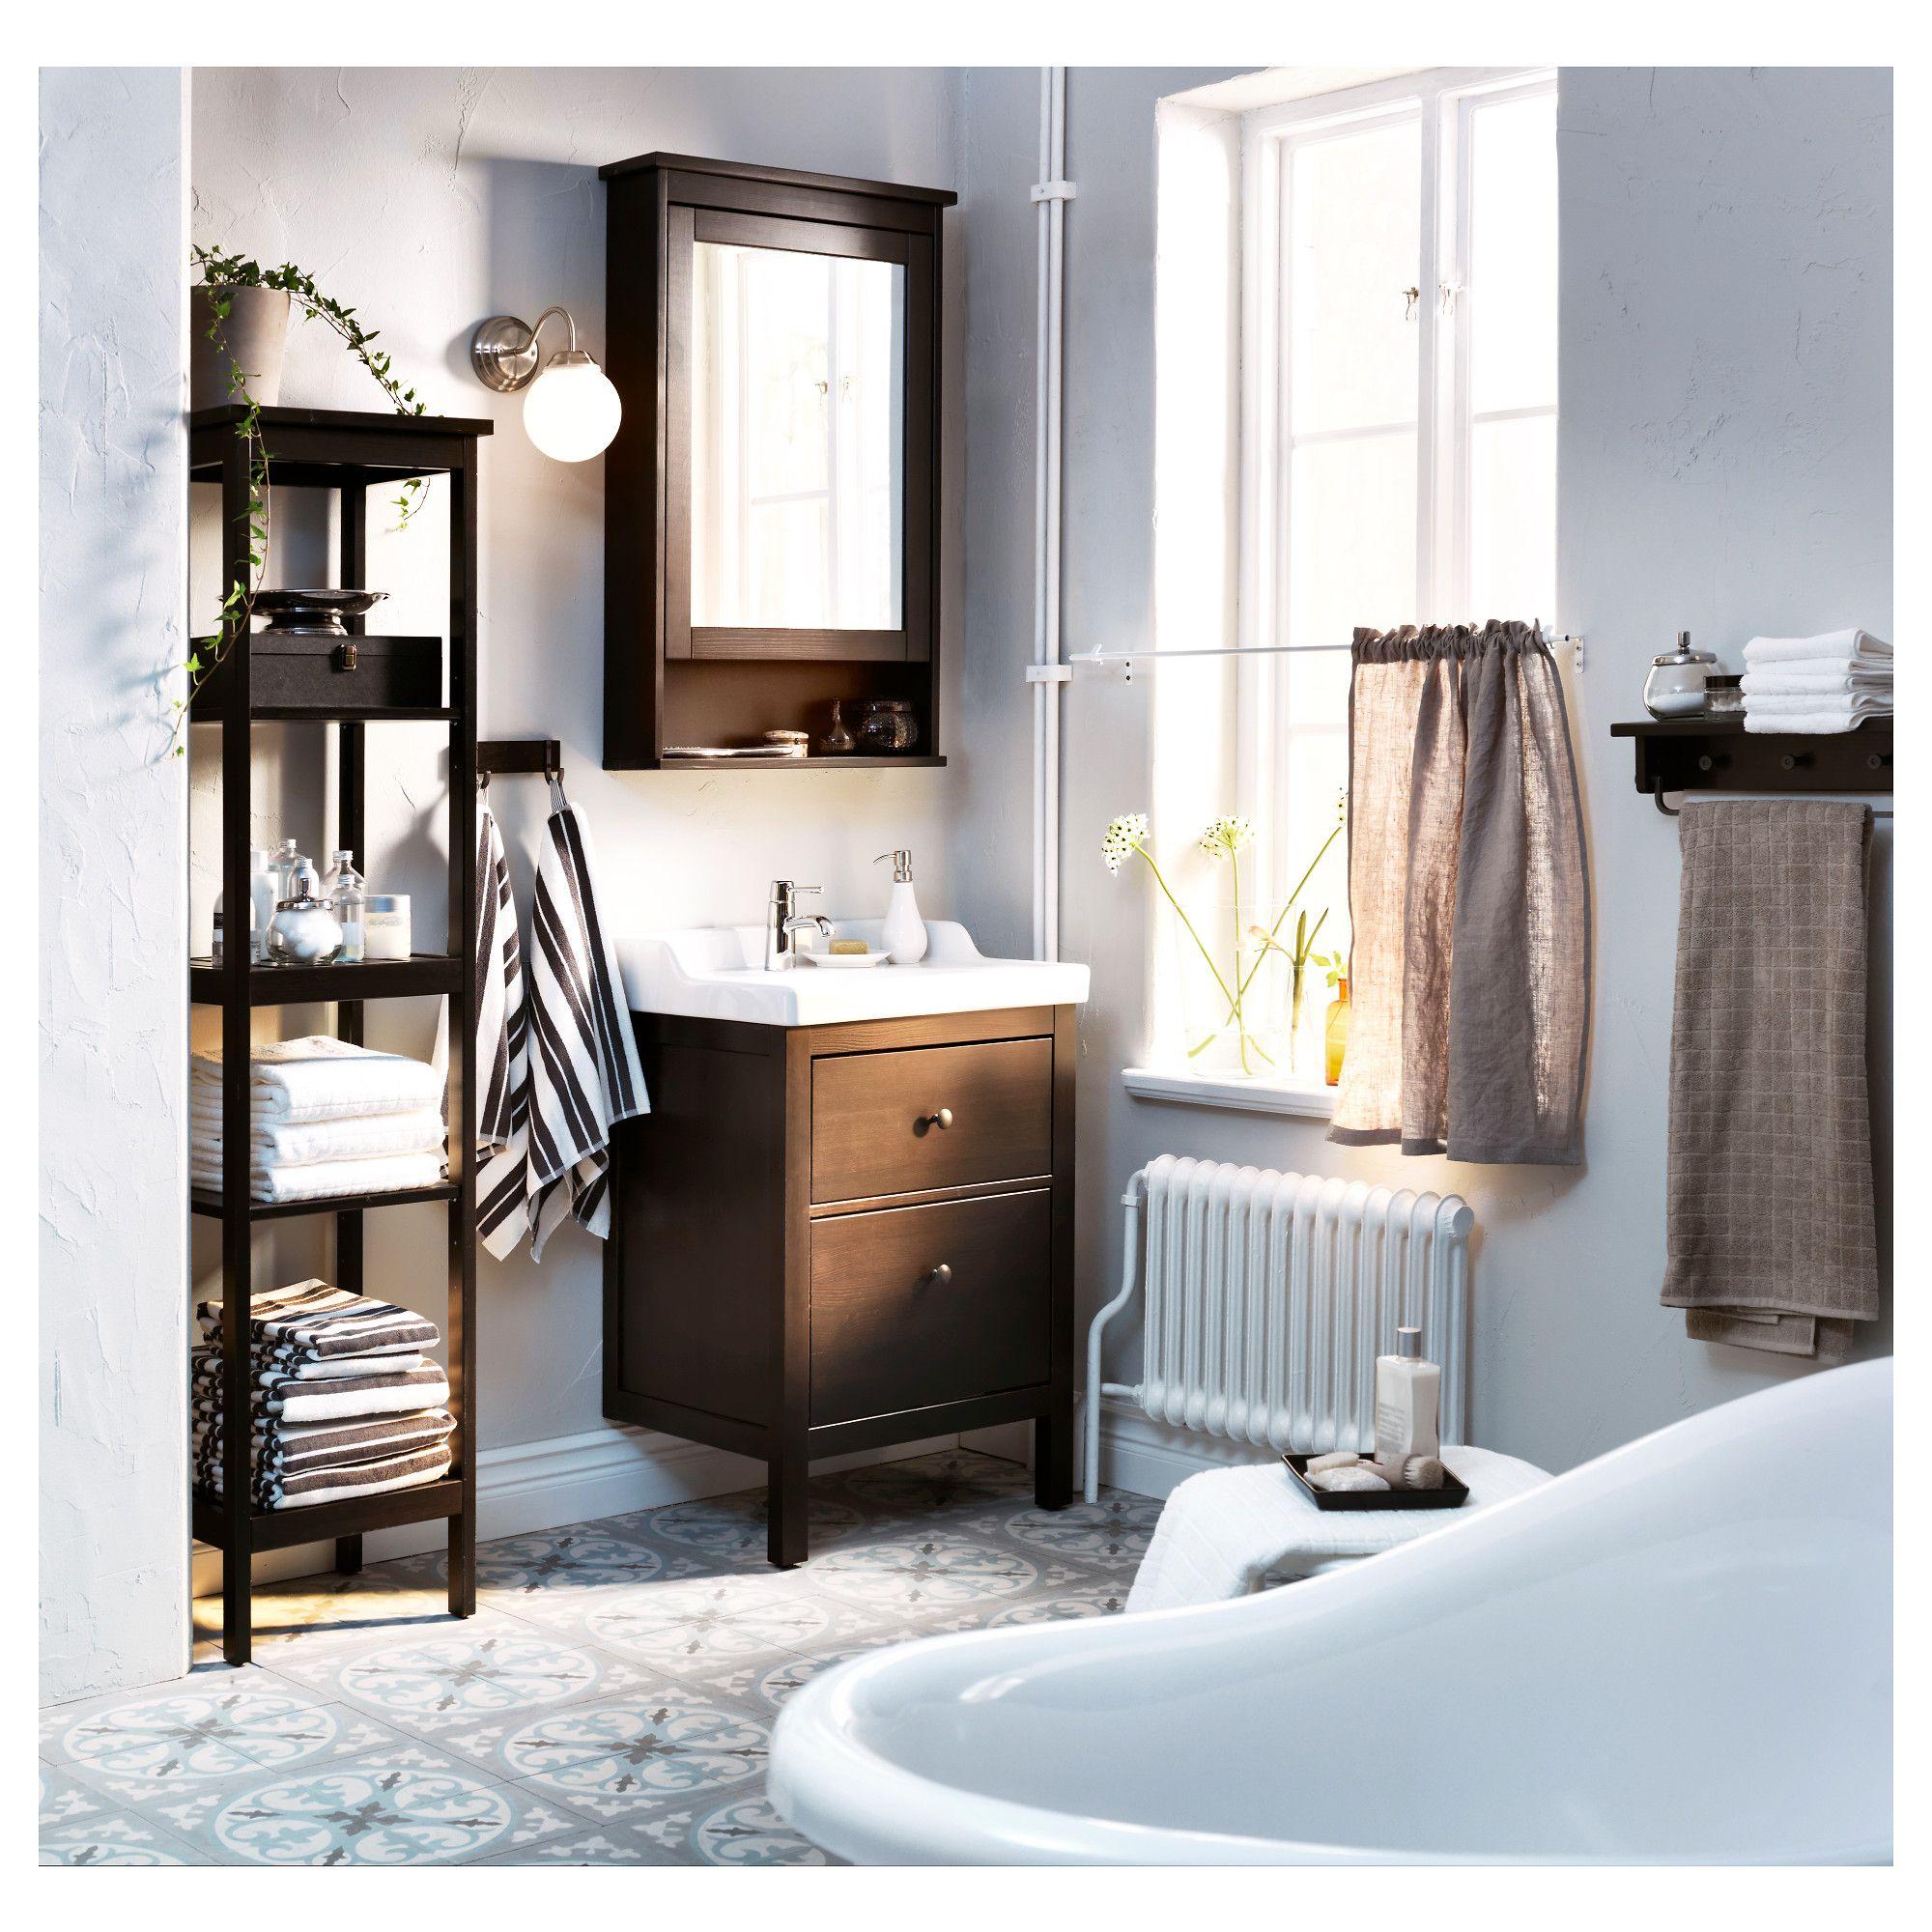 Ikea Hemnes Mirror Cabinet With 1 Door Black Brown Stain